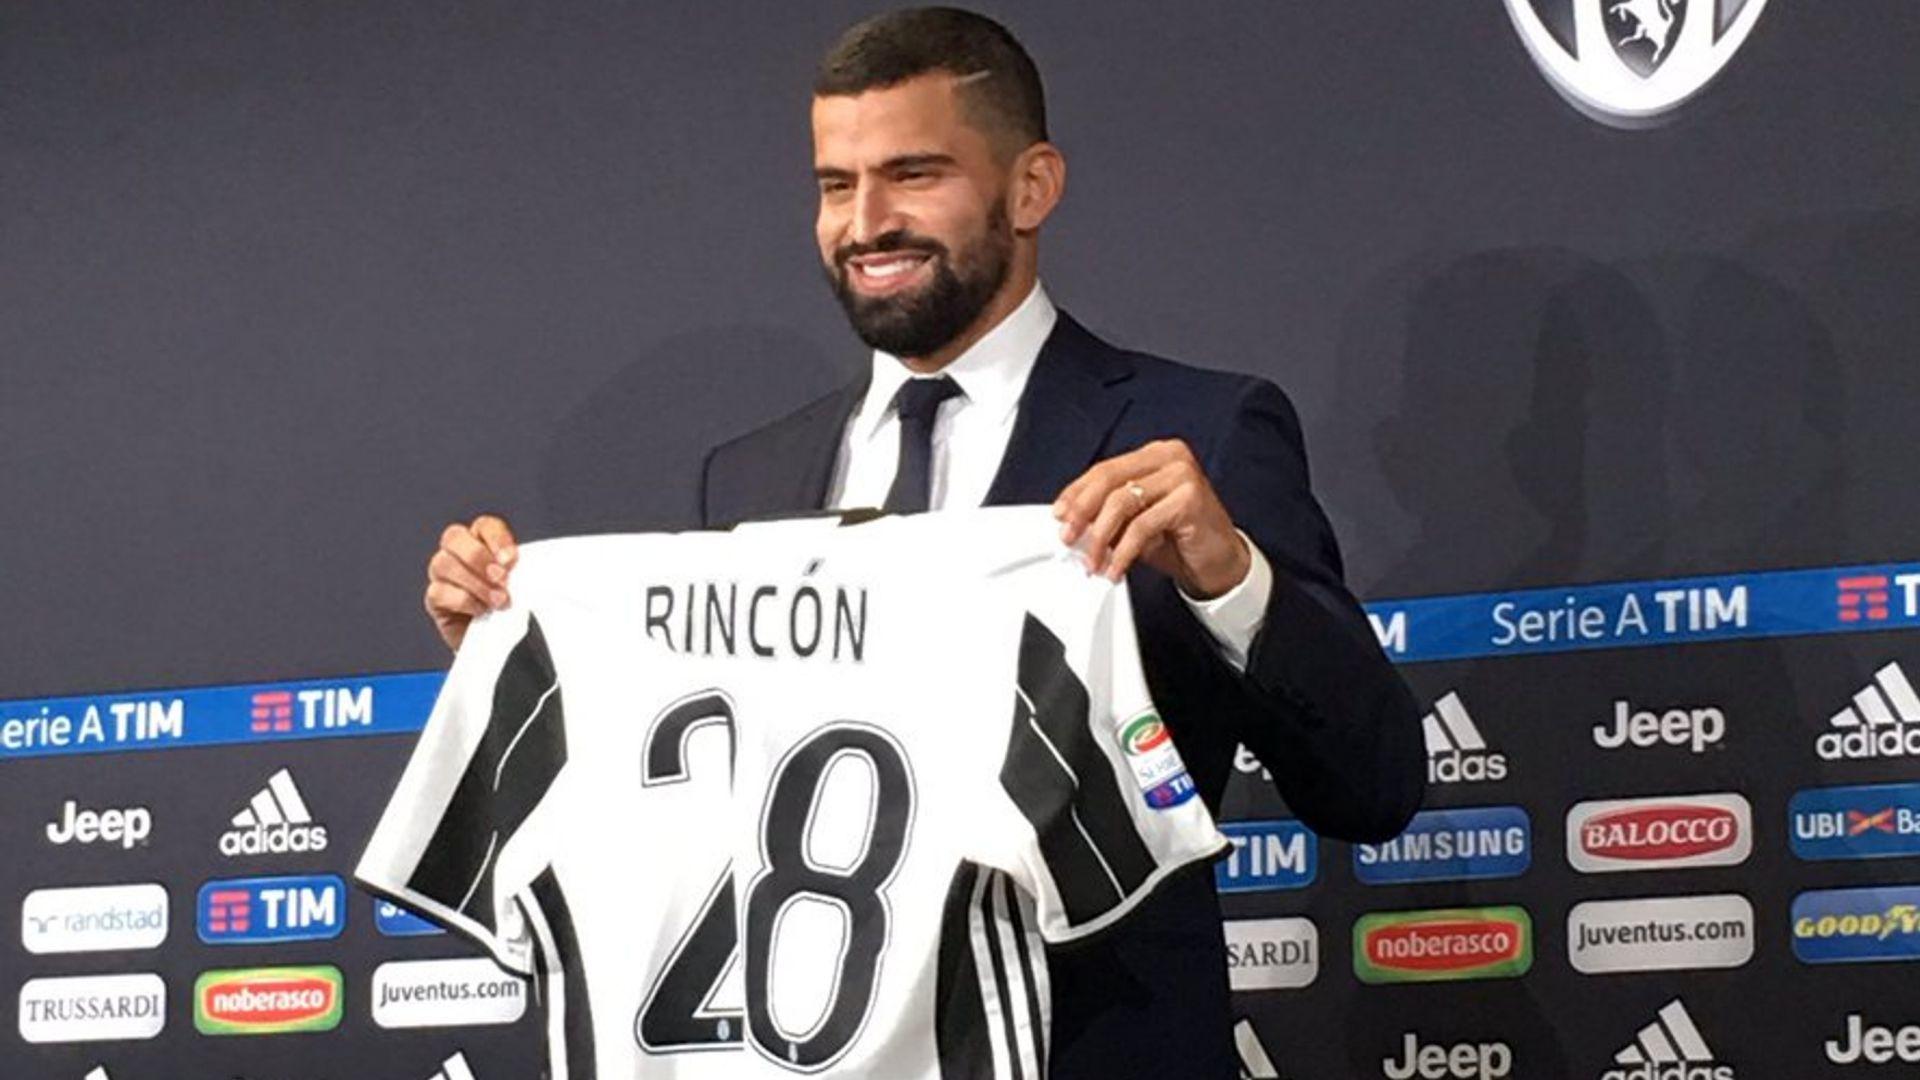 Juventus FC, Rincon acquistato a titolo definitivo